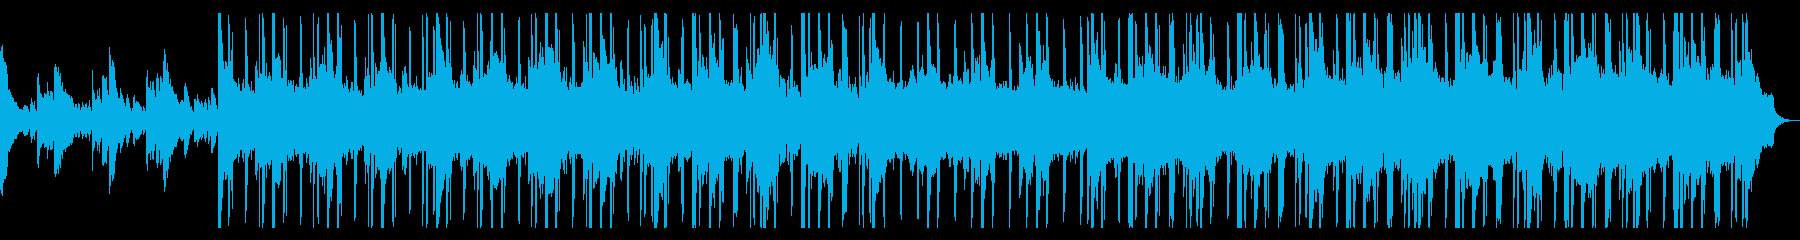 人気のある電子機器 R&B 感情的...の再生済みの波形